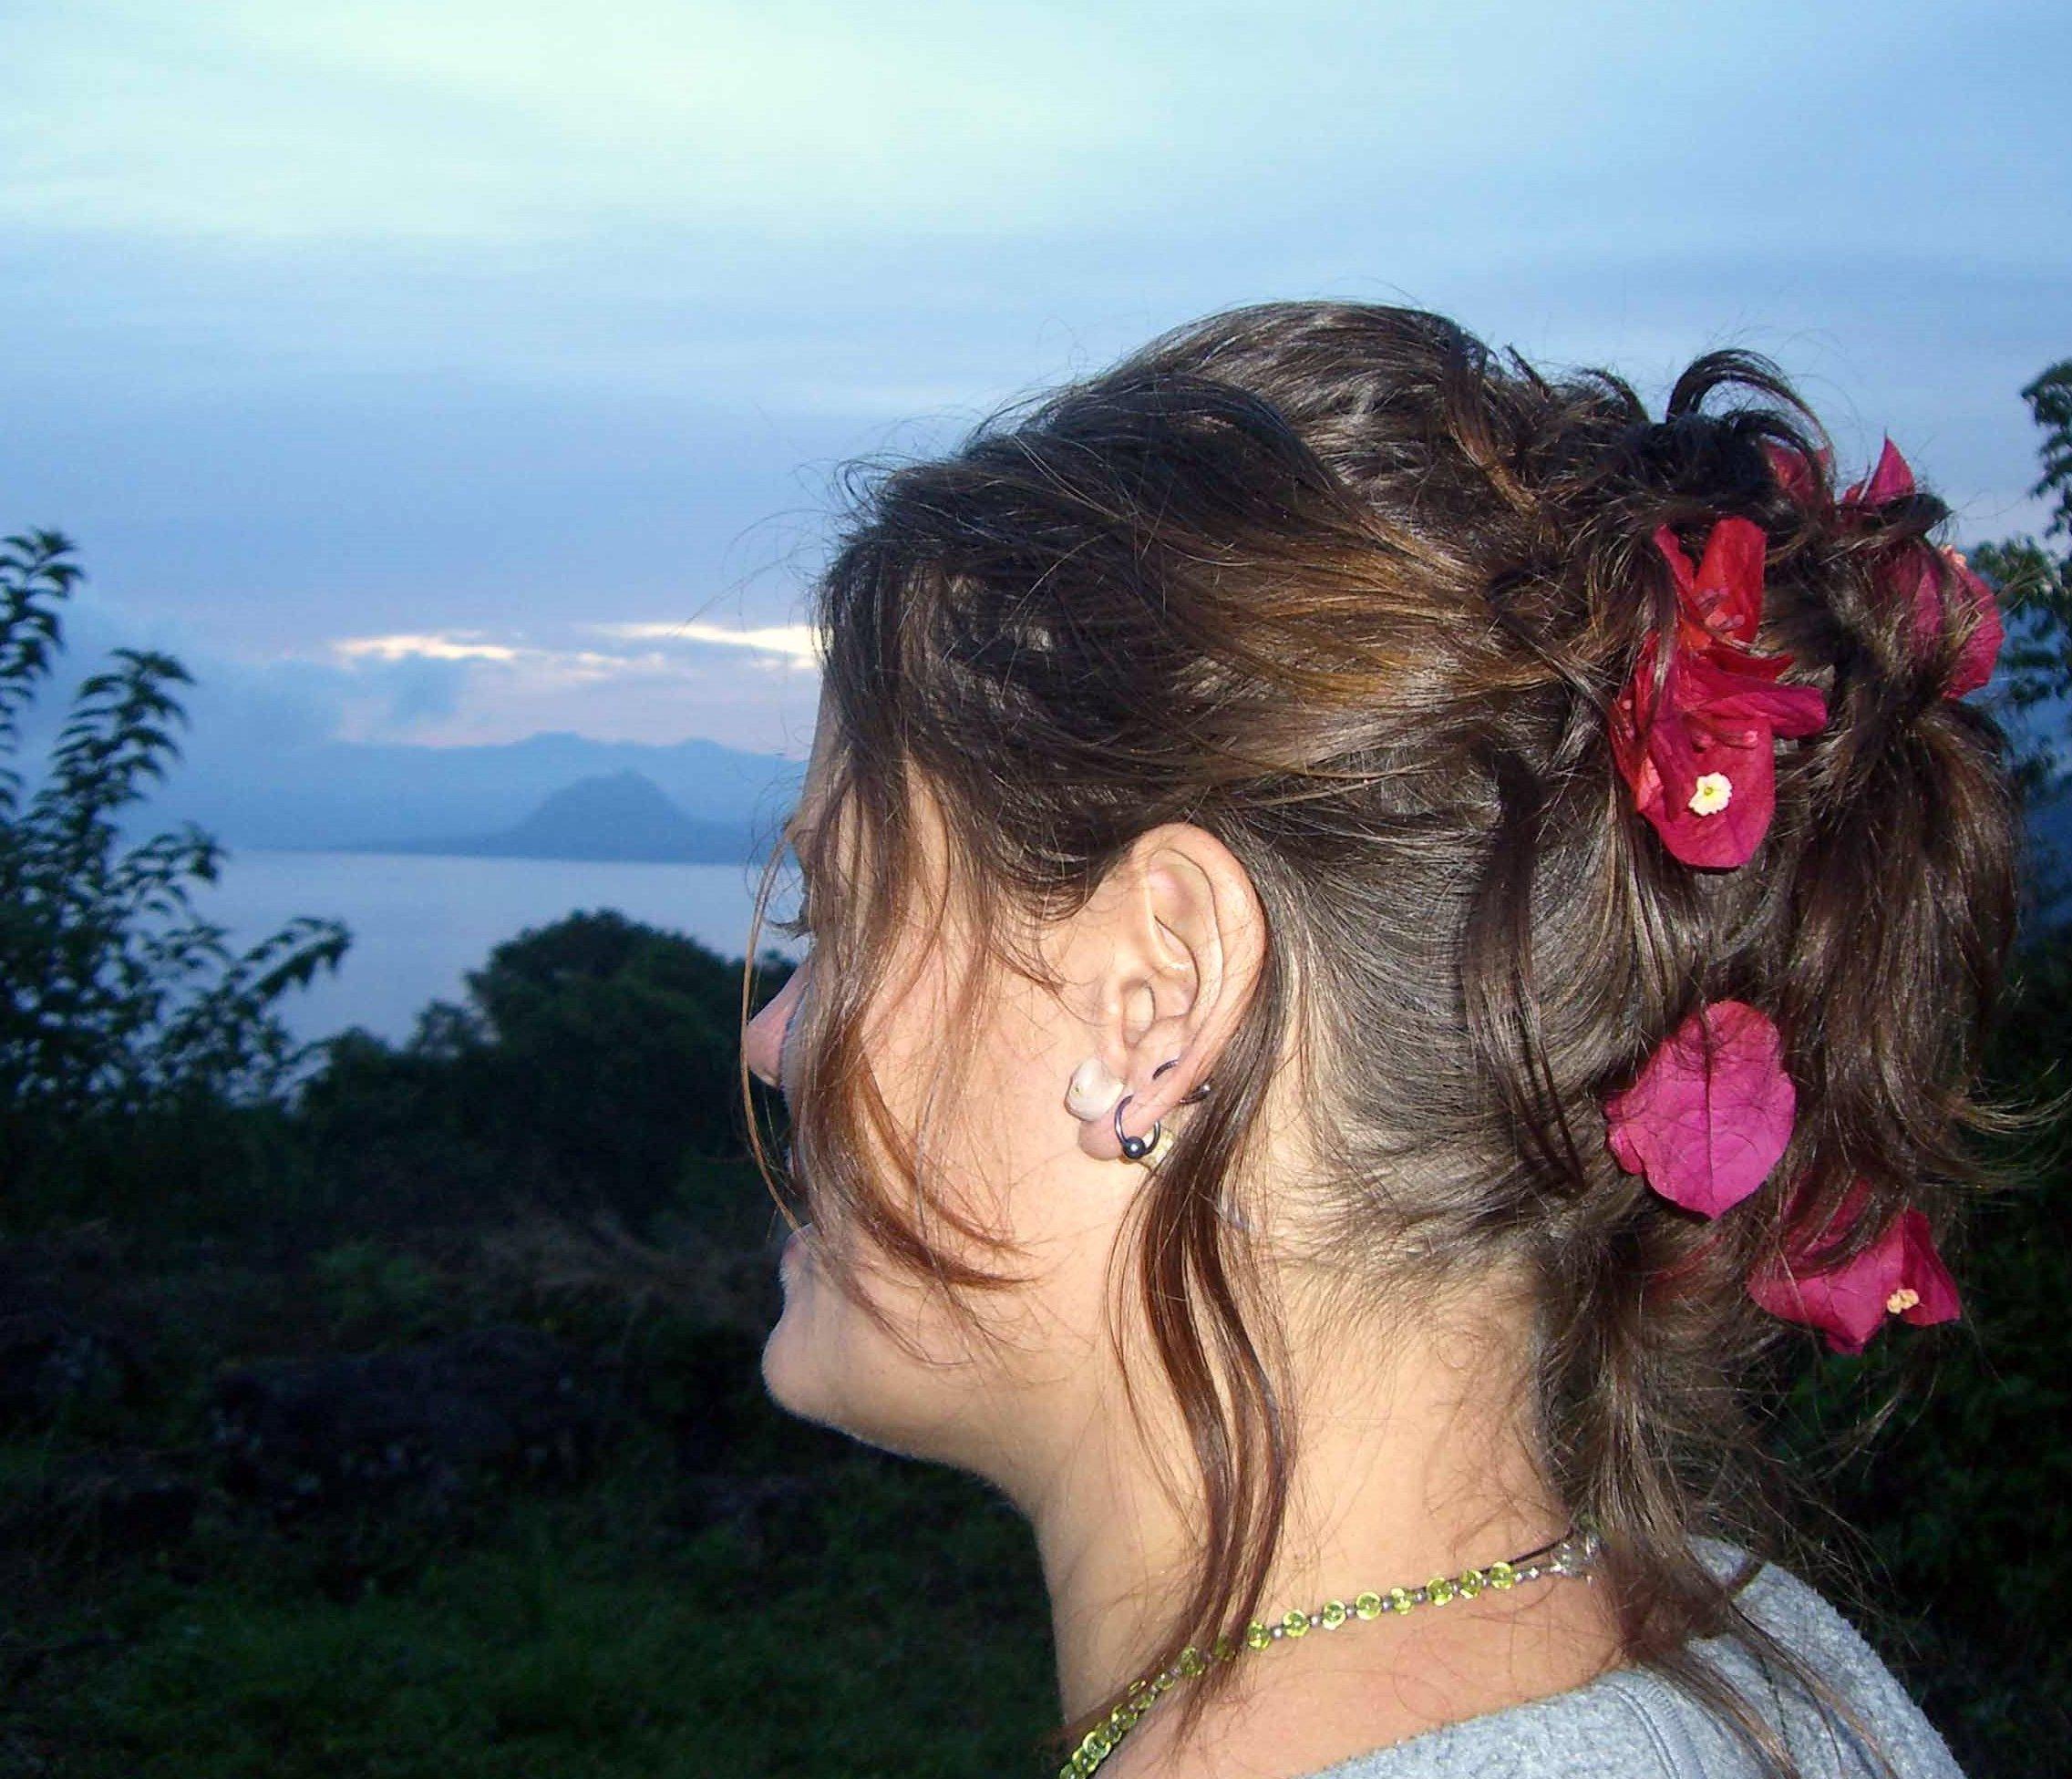 Blessing Day at Lake Atitlan